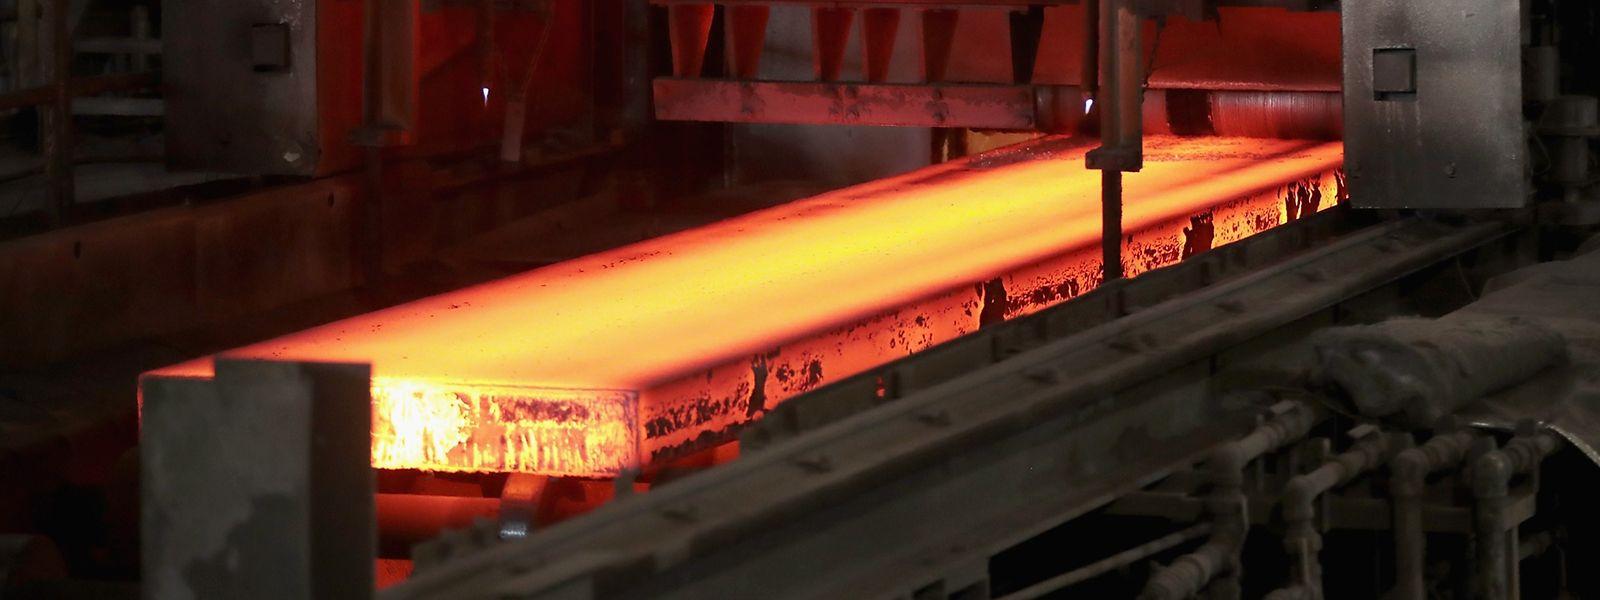 Trump hatte vor knapp zwei Wochen angekündigt, Zölle auf Importe von Stahl in Höhe von 25 Prozent und auf Aluminium in Höhe von 10 Prozent zu verhängen.